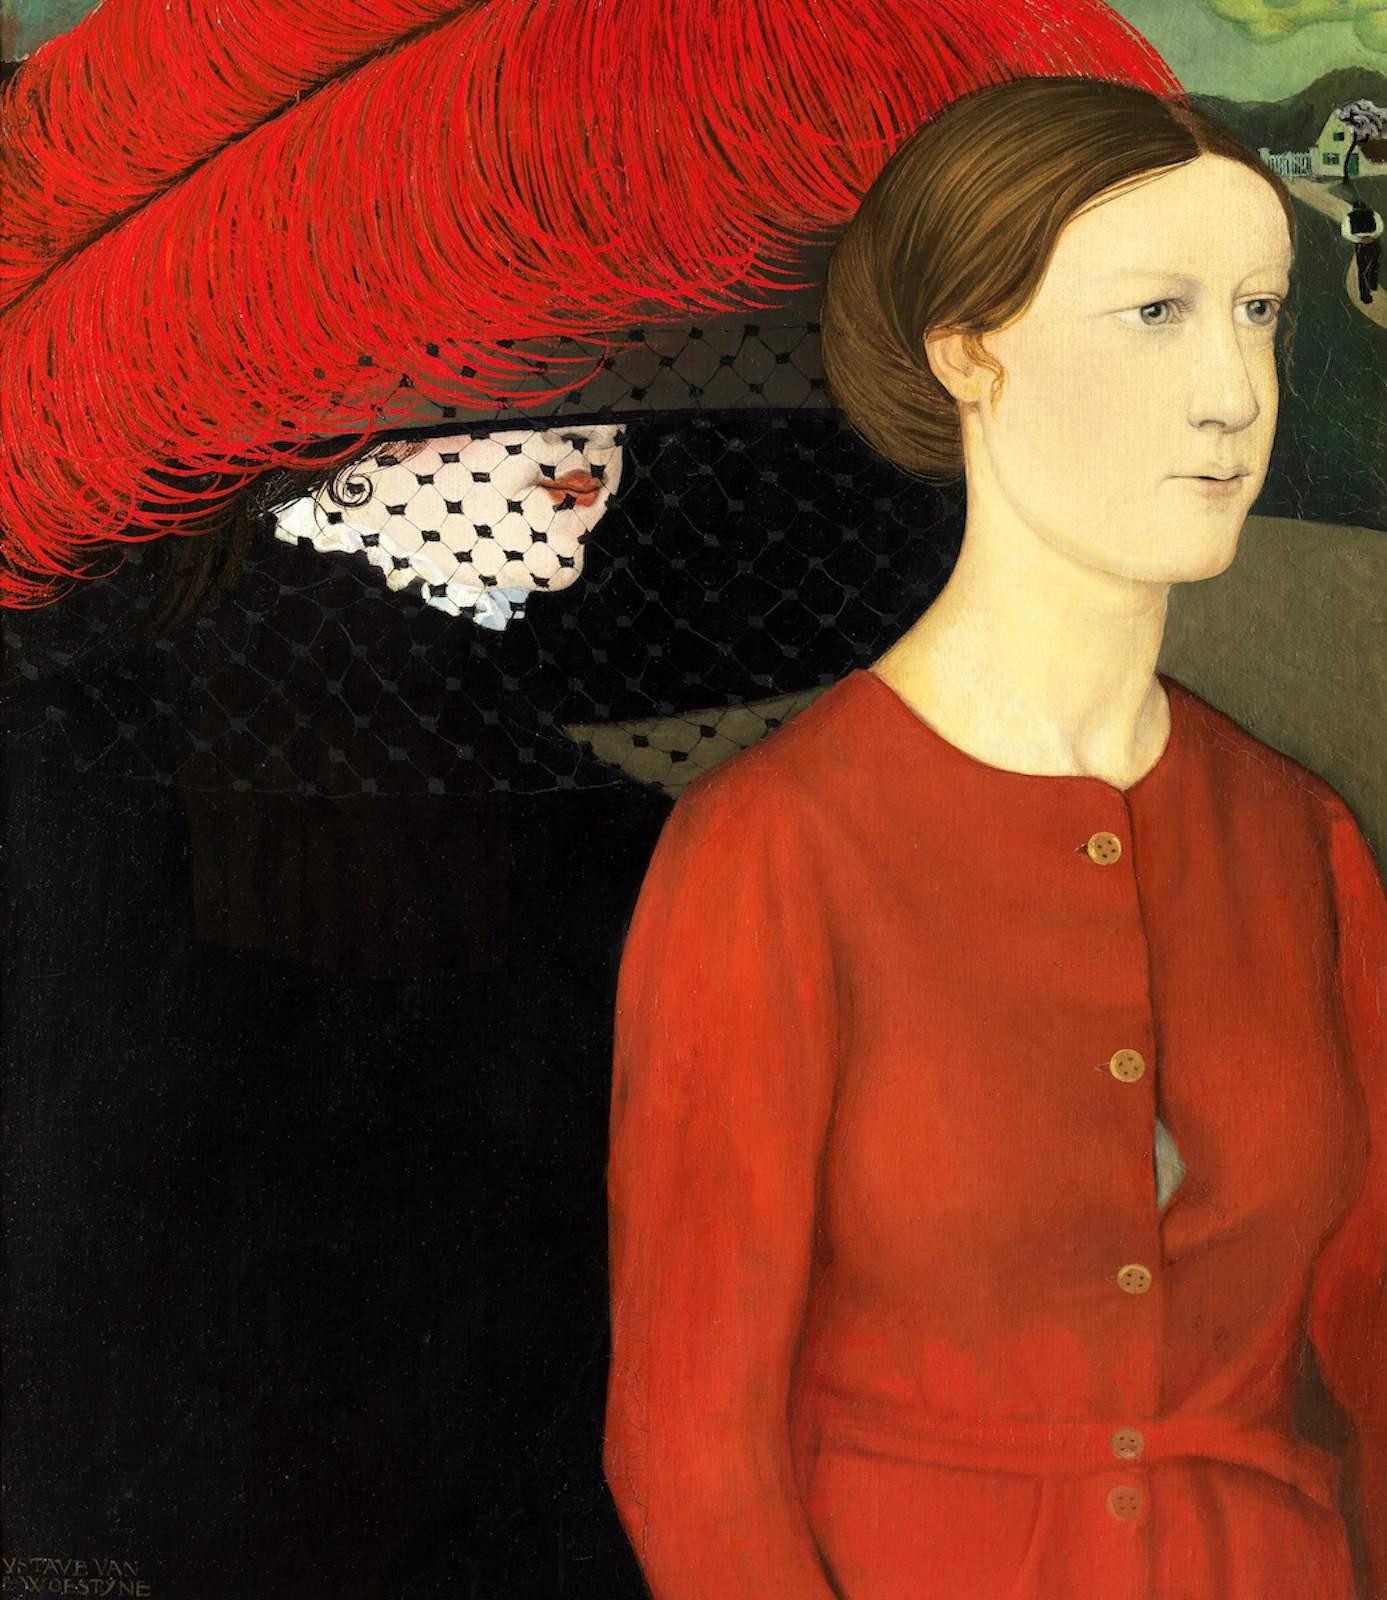 1 Gustave van de Woestyne, 1881-1947, huile sur toile, 1910, 73x63, MRBA Anvers